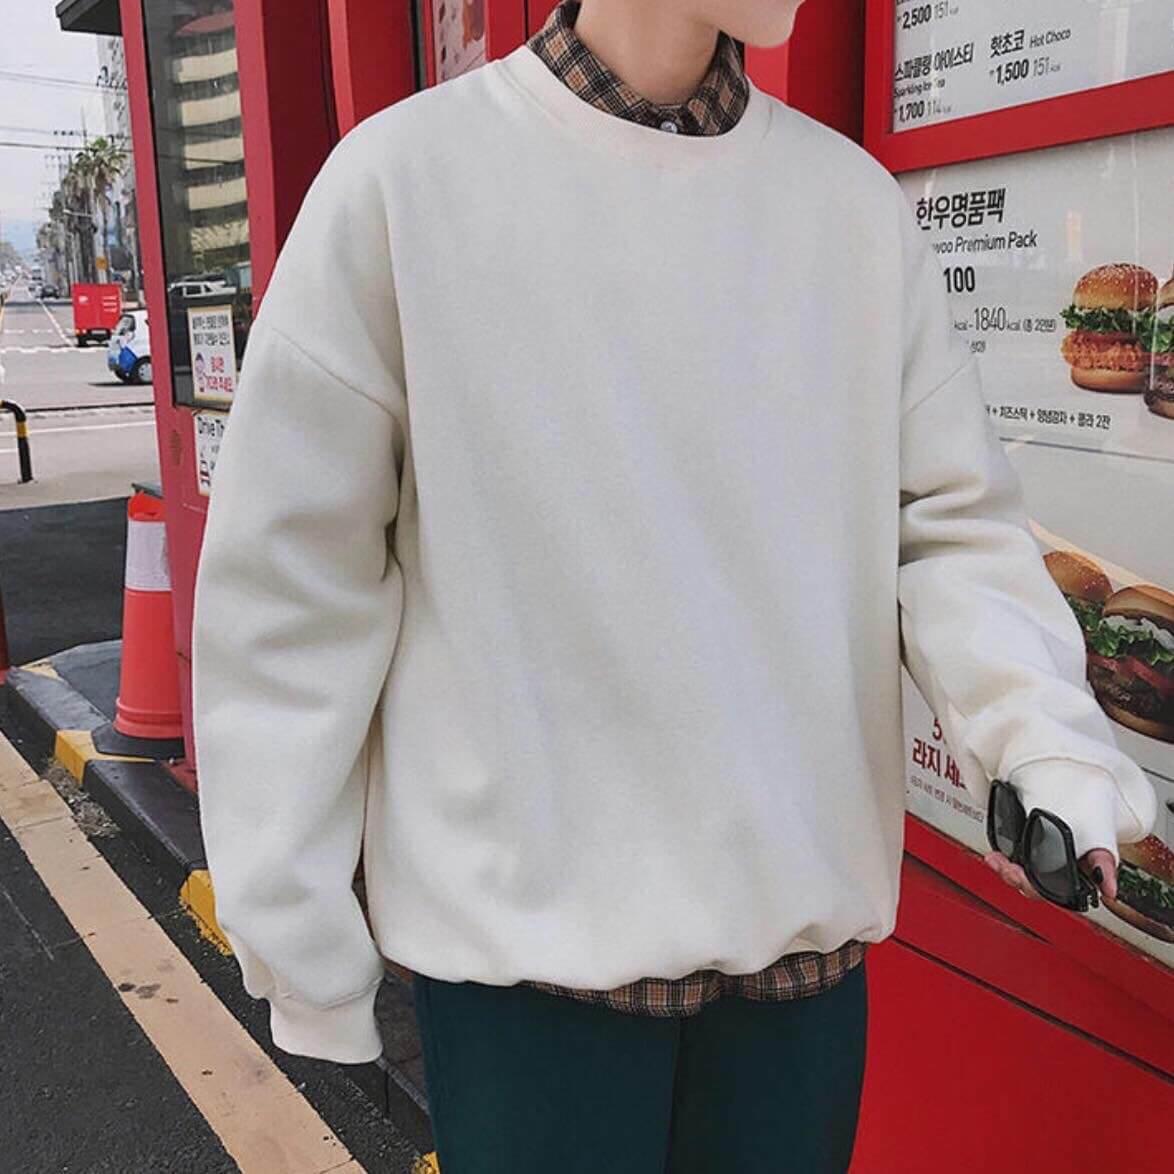 Áo hoodie thường có form freesize nên cả các bạn nhỏ người hay các bạn big size cũng có thể mặc vừa